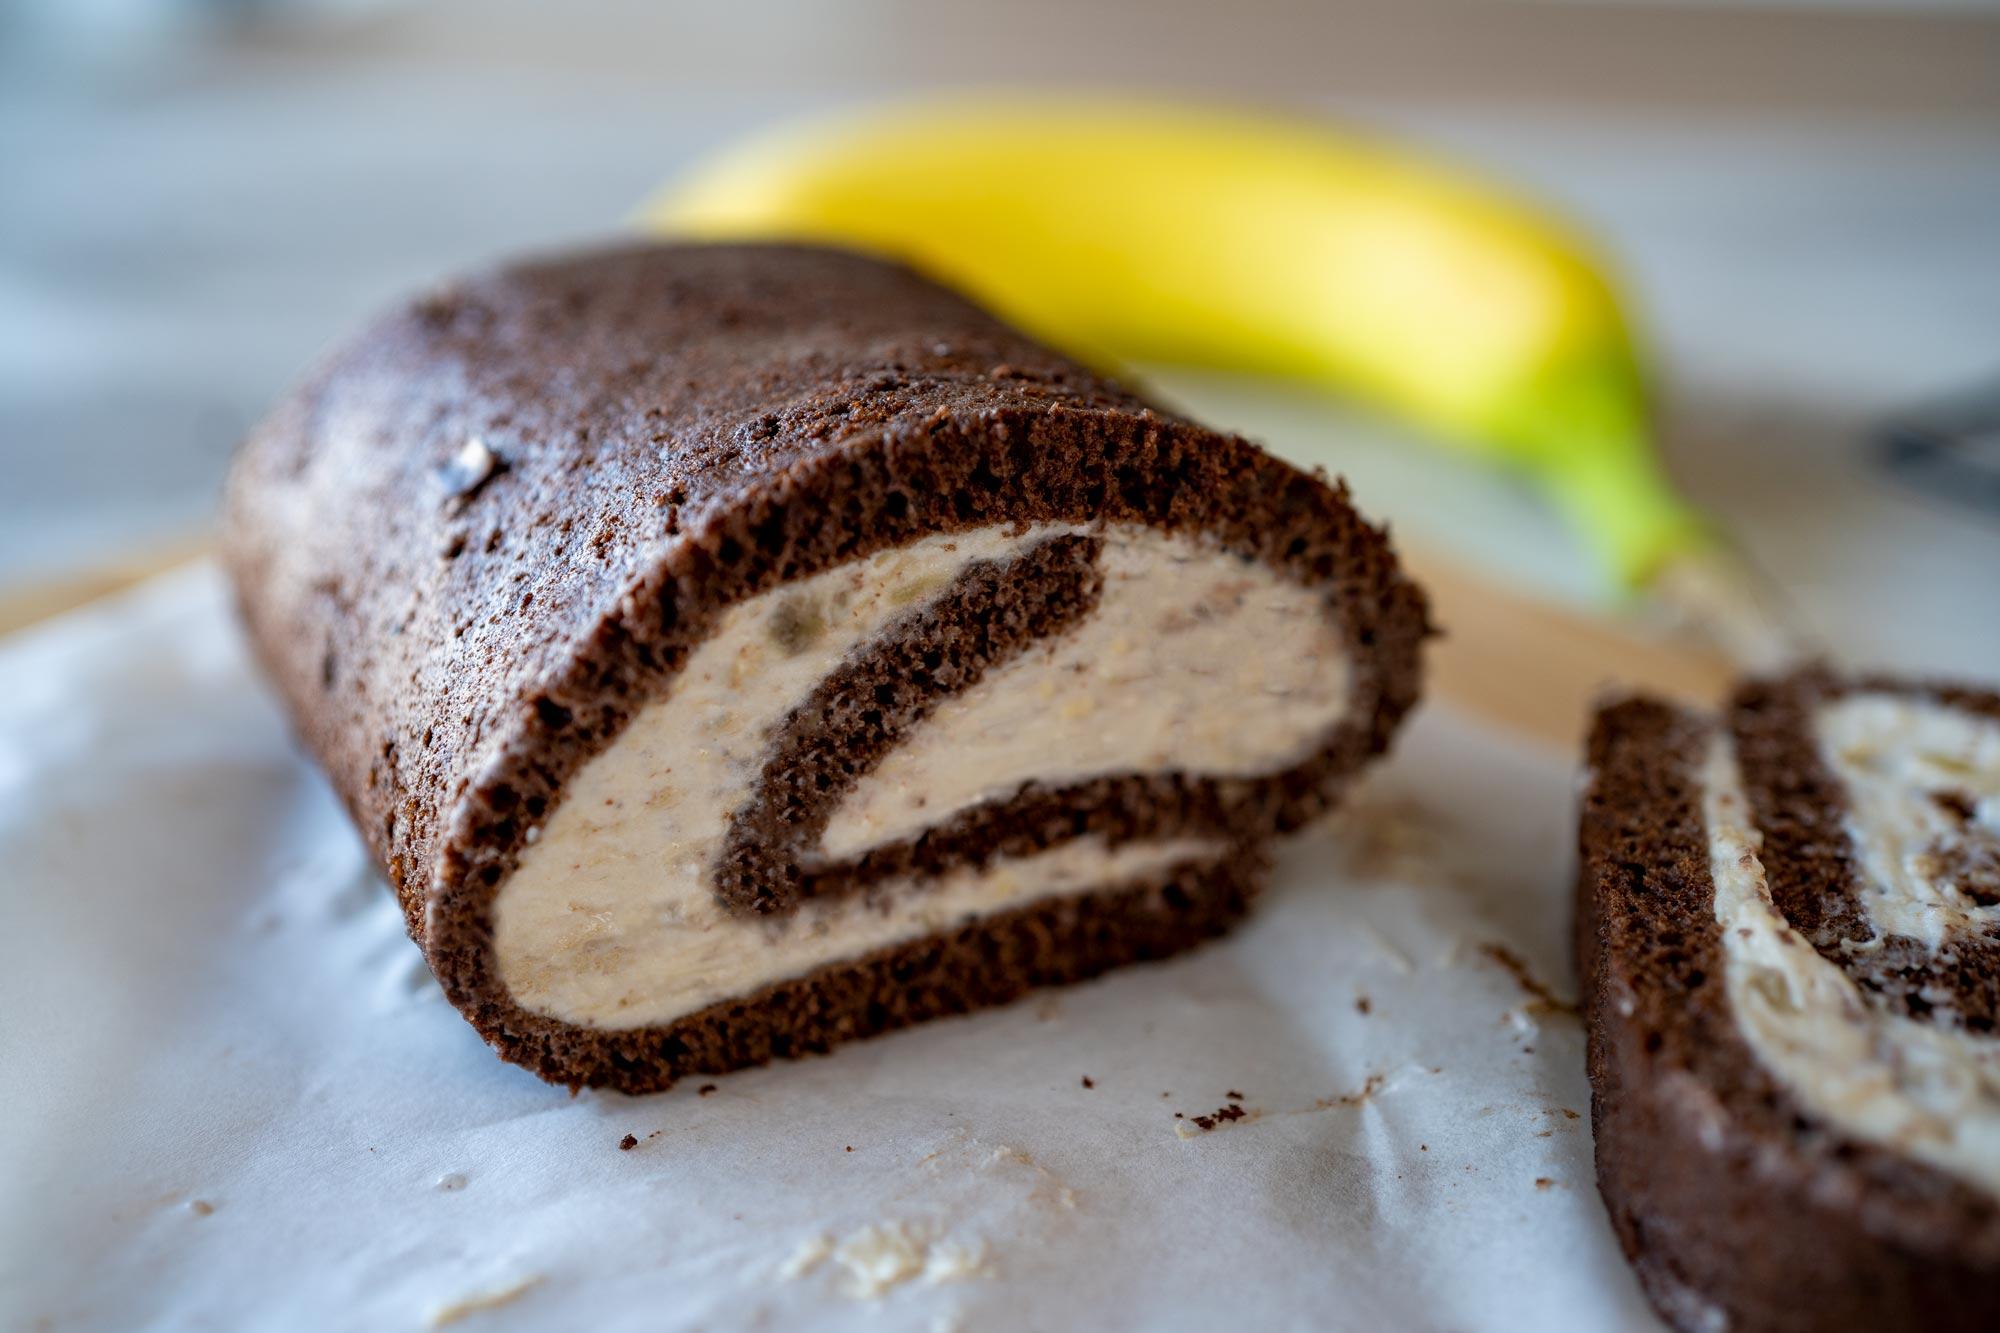 Čokoladna rolada z bananino kremo